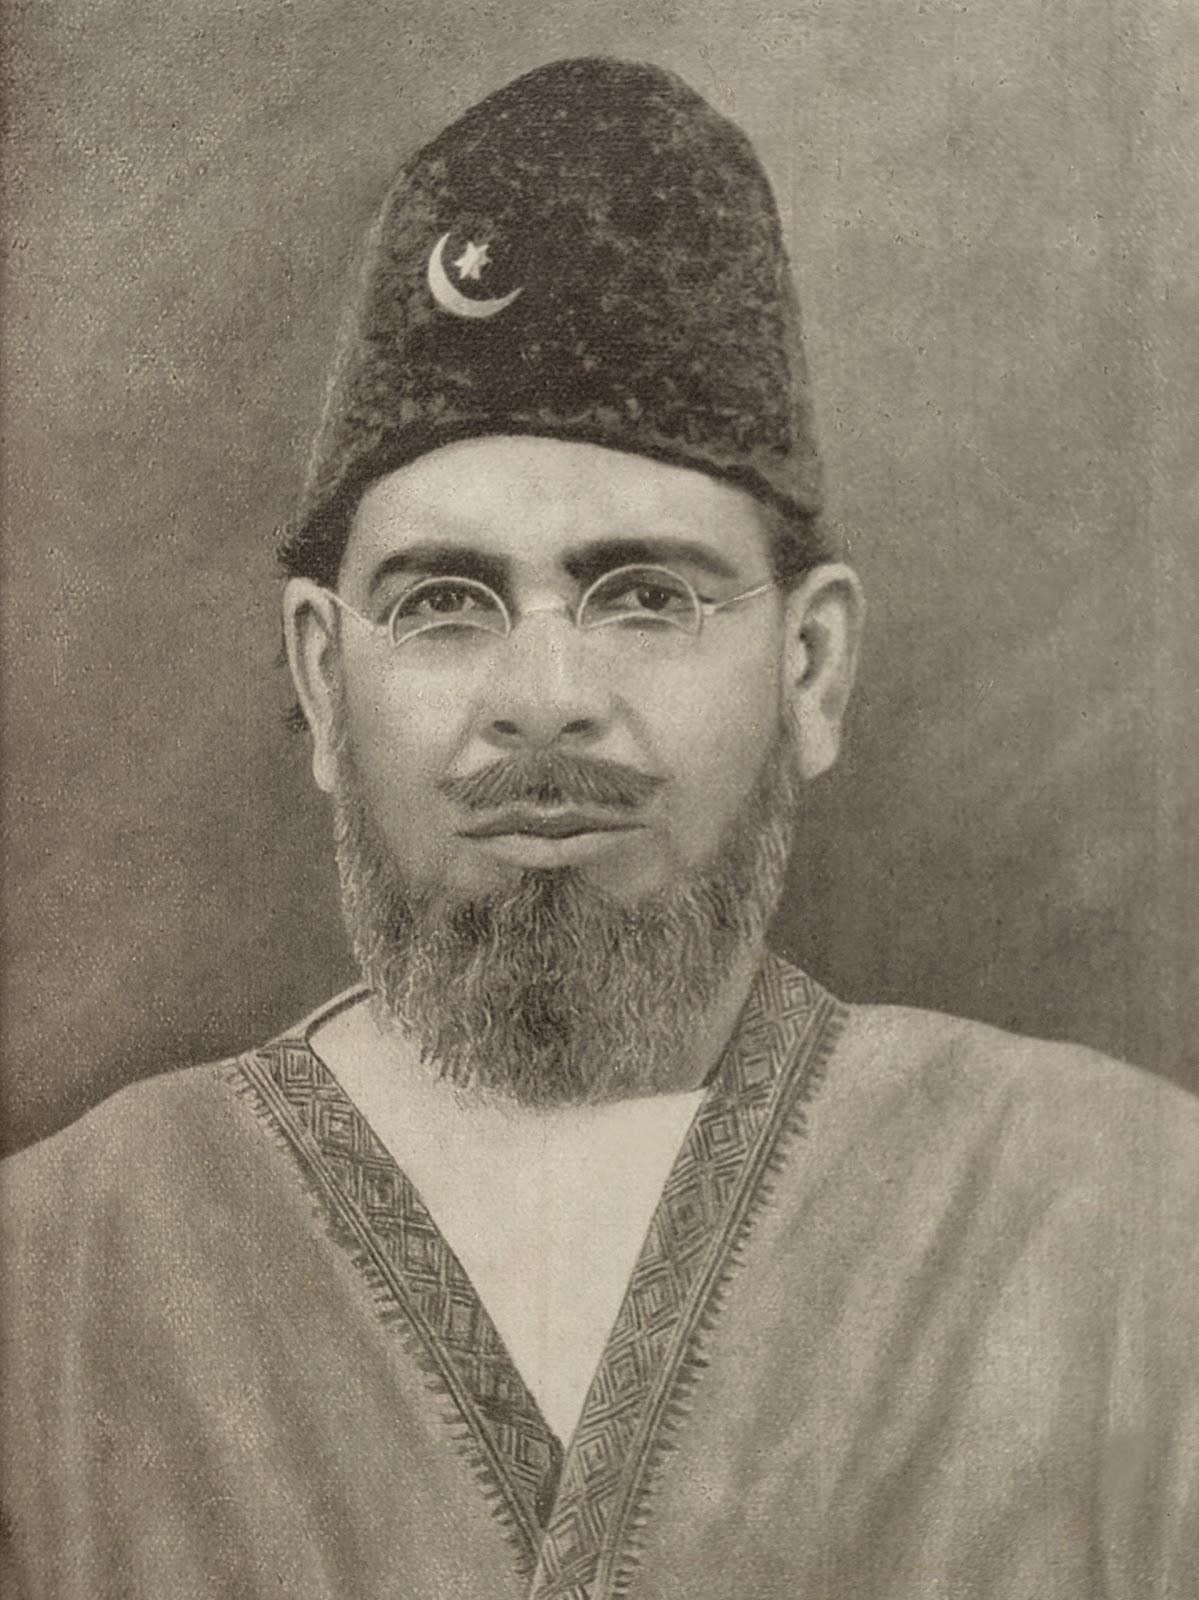 begum maulana muhammad ali johar Définitions de maulana mohammad ali maulana muhammad ali jauhar in karachi are named in honor of maulana mohammad ali johar.